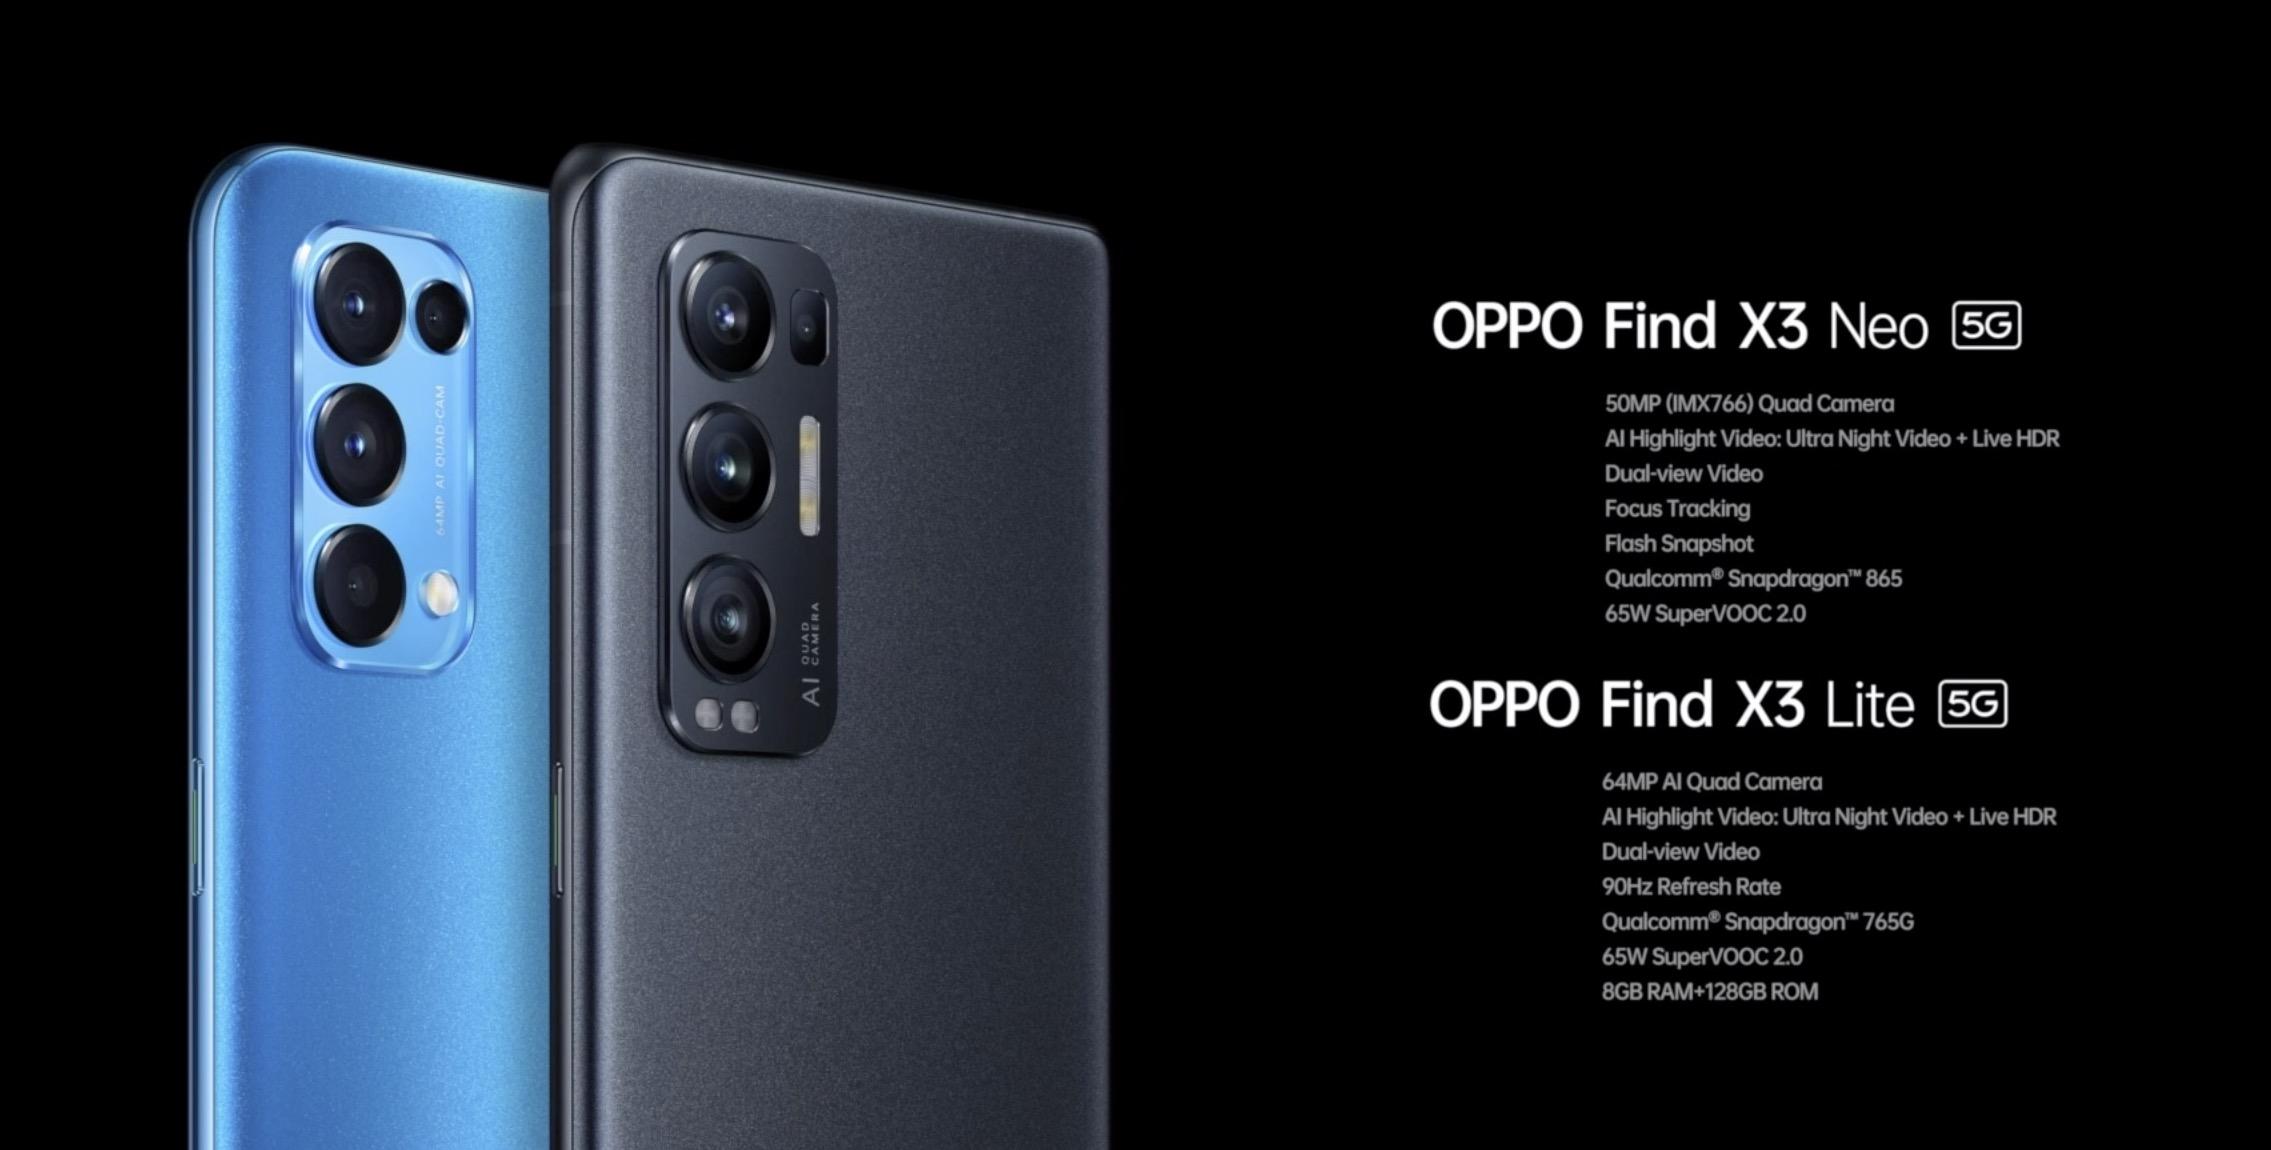 Oppo Find X3 e Oppo Find X3 Pro, tutto quel che c'è da sapere